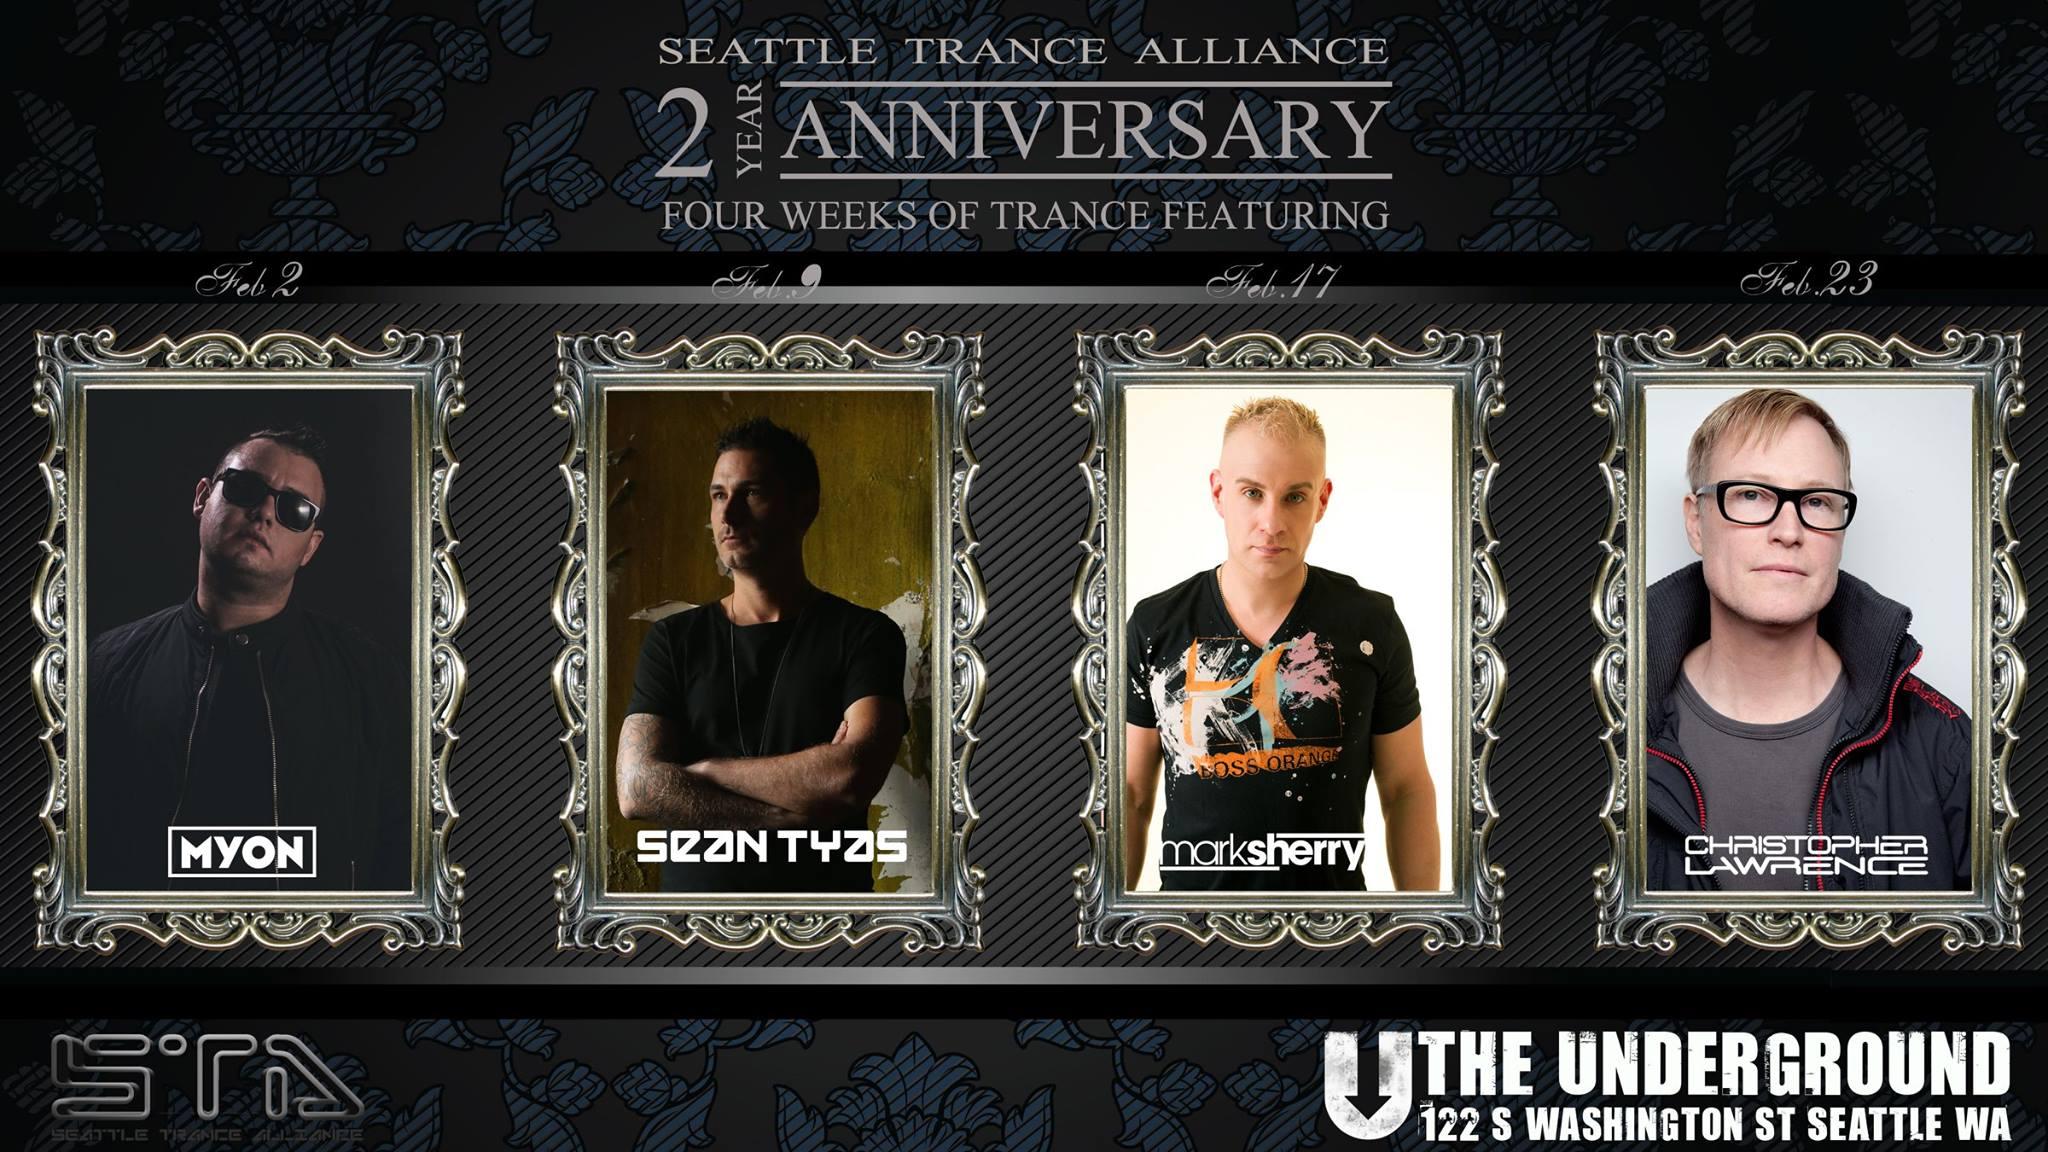 STA 2 year Anniversary banner - the underground